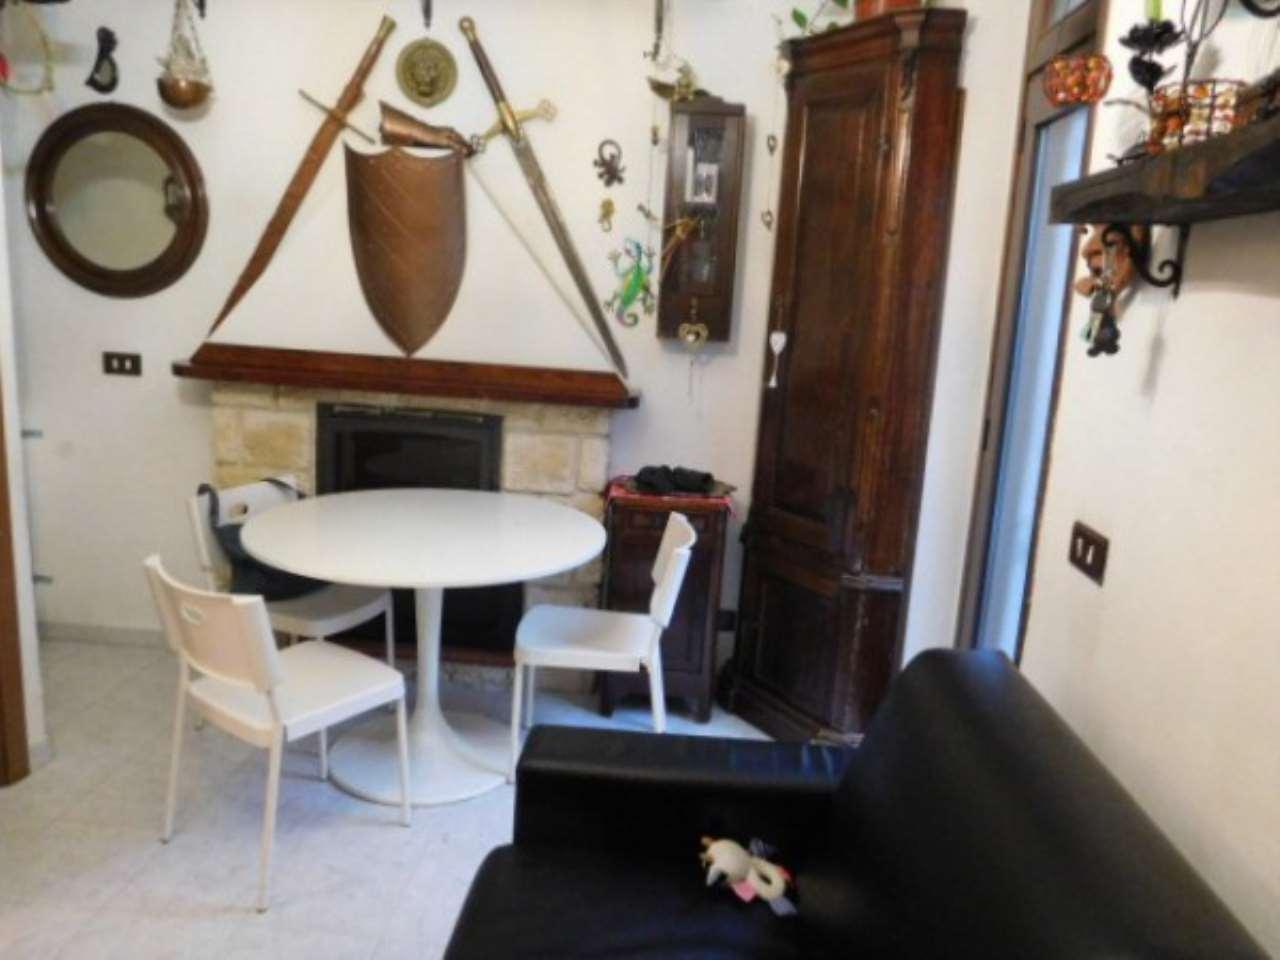 Villa a Schiera in vendita a Marcignago, 2 locali, prezzo € 55.000 | CambioCasa.it